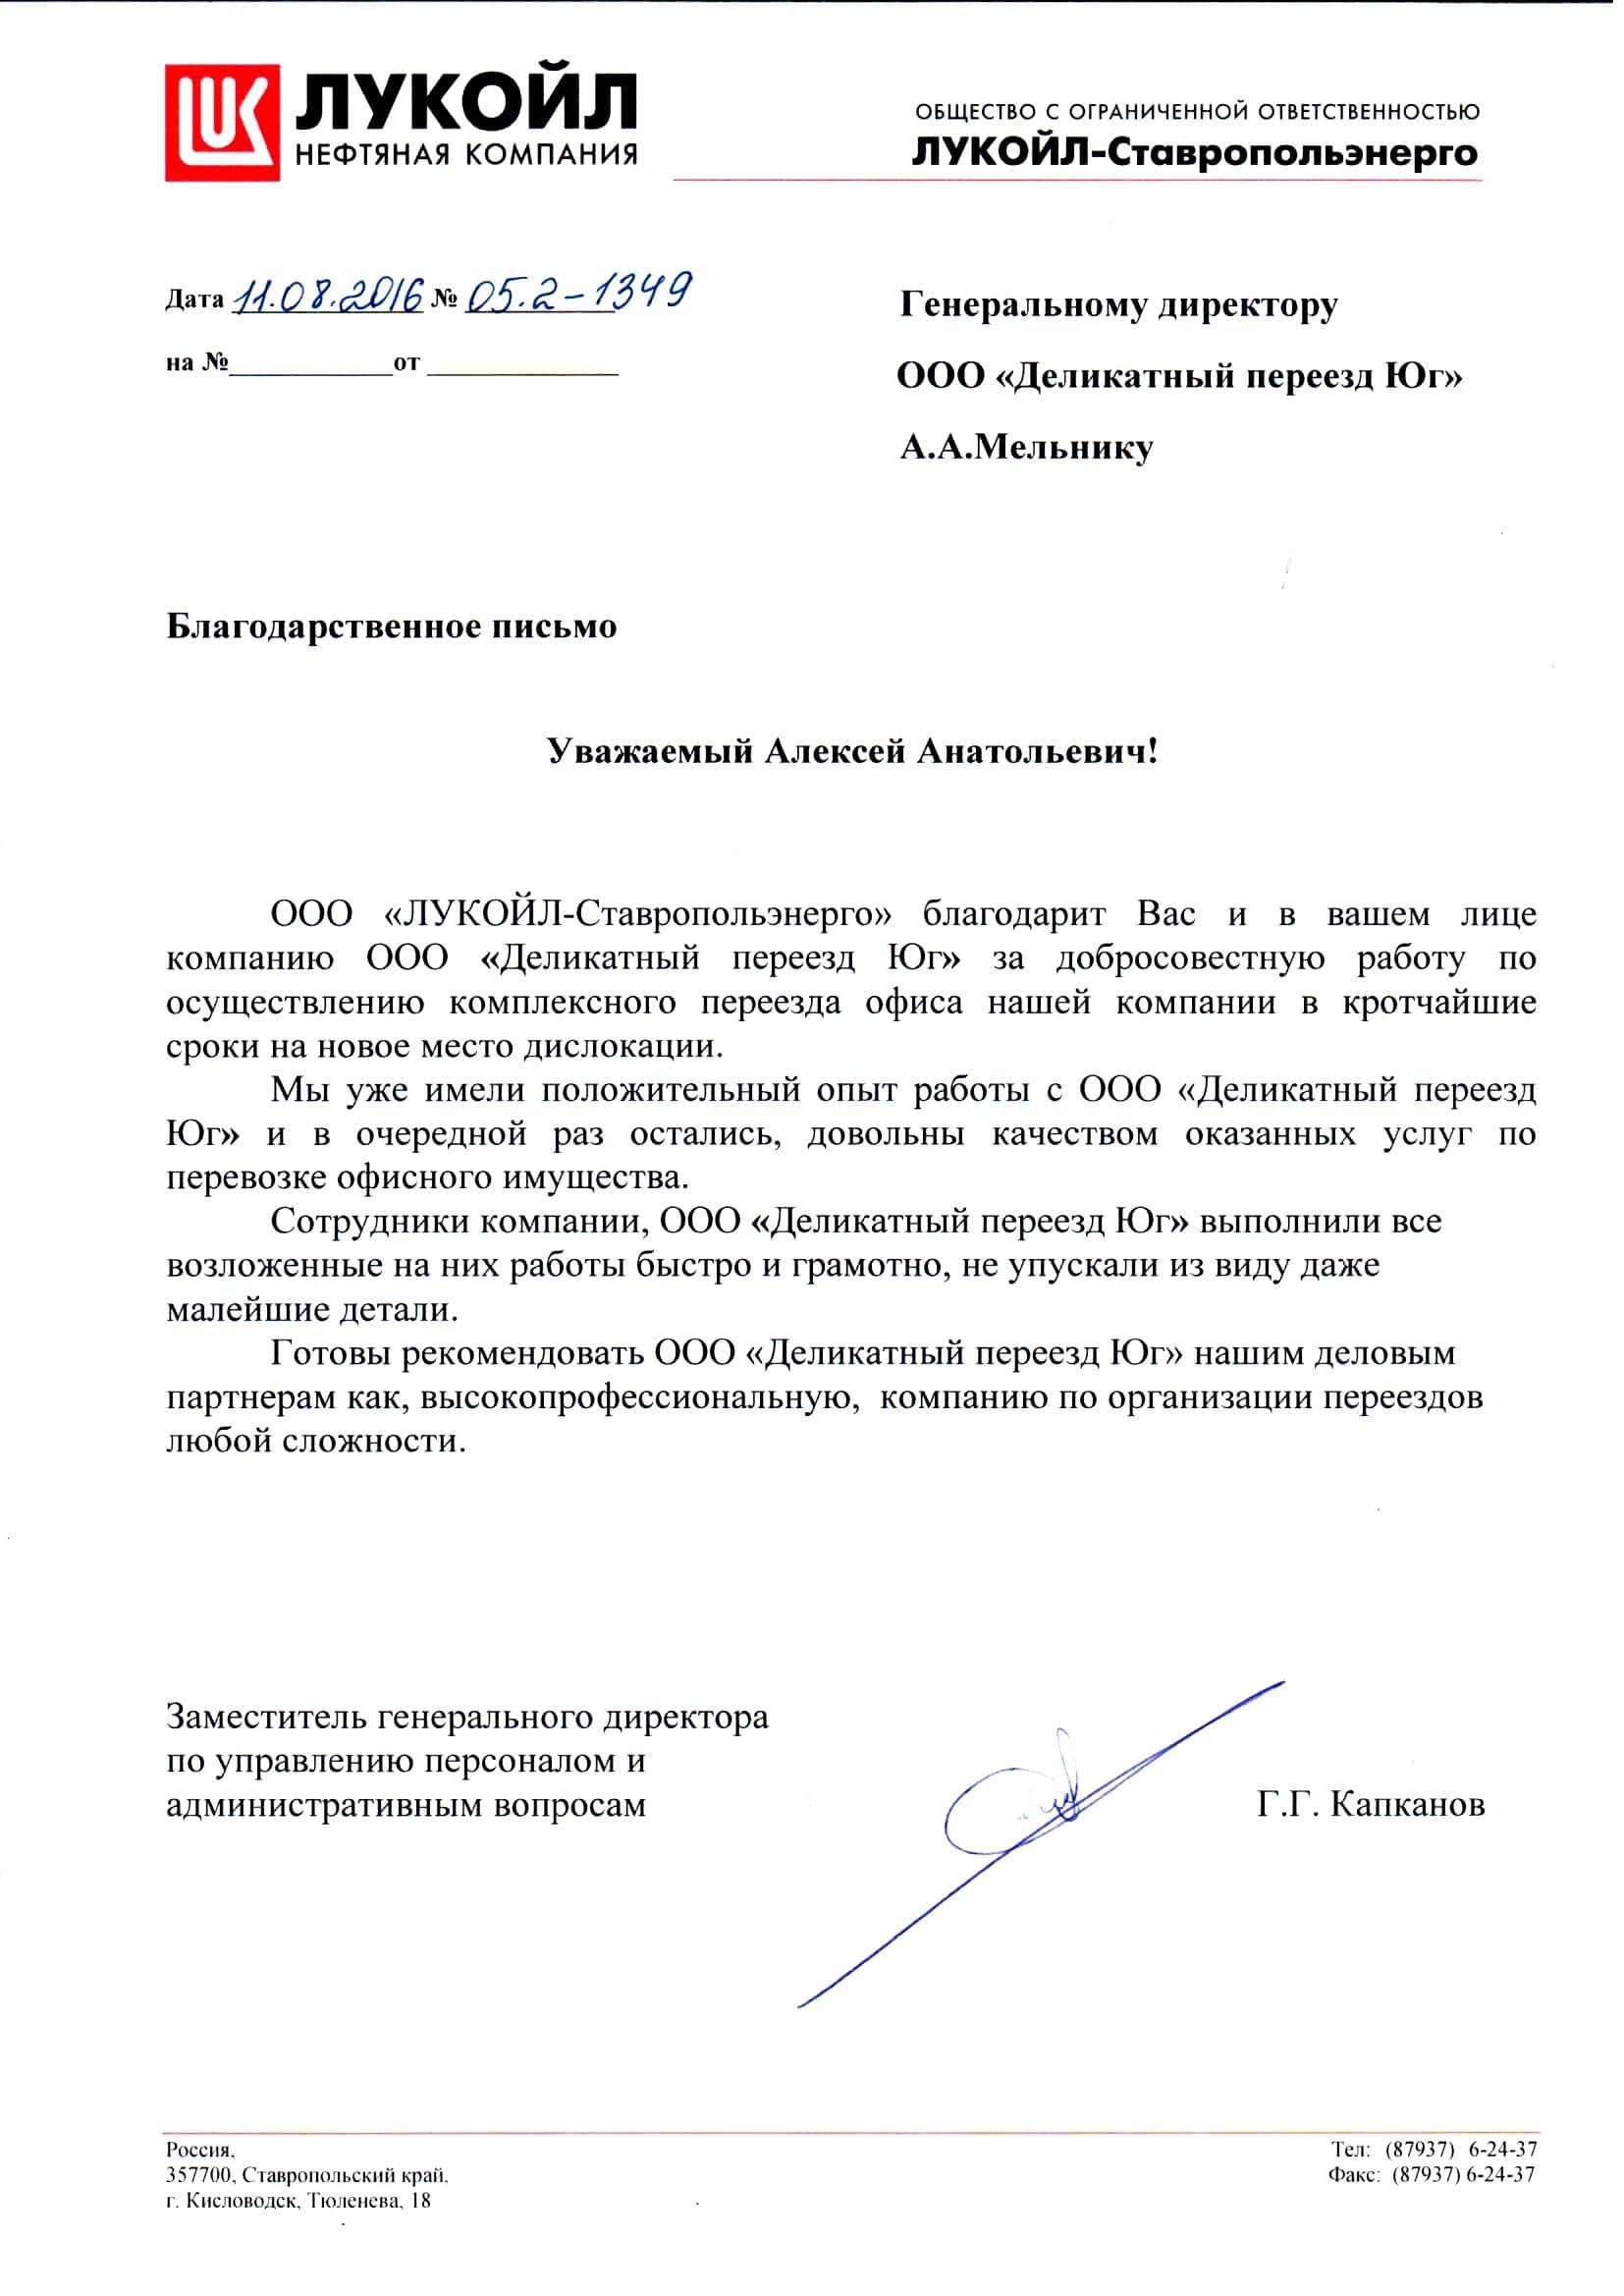 Благодарственное письмо от ООО «ЛУКОЙЛ-Ставропольэнерго»